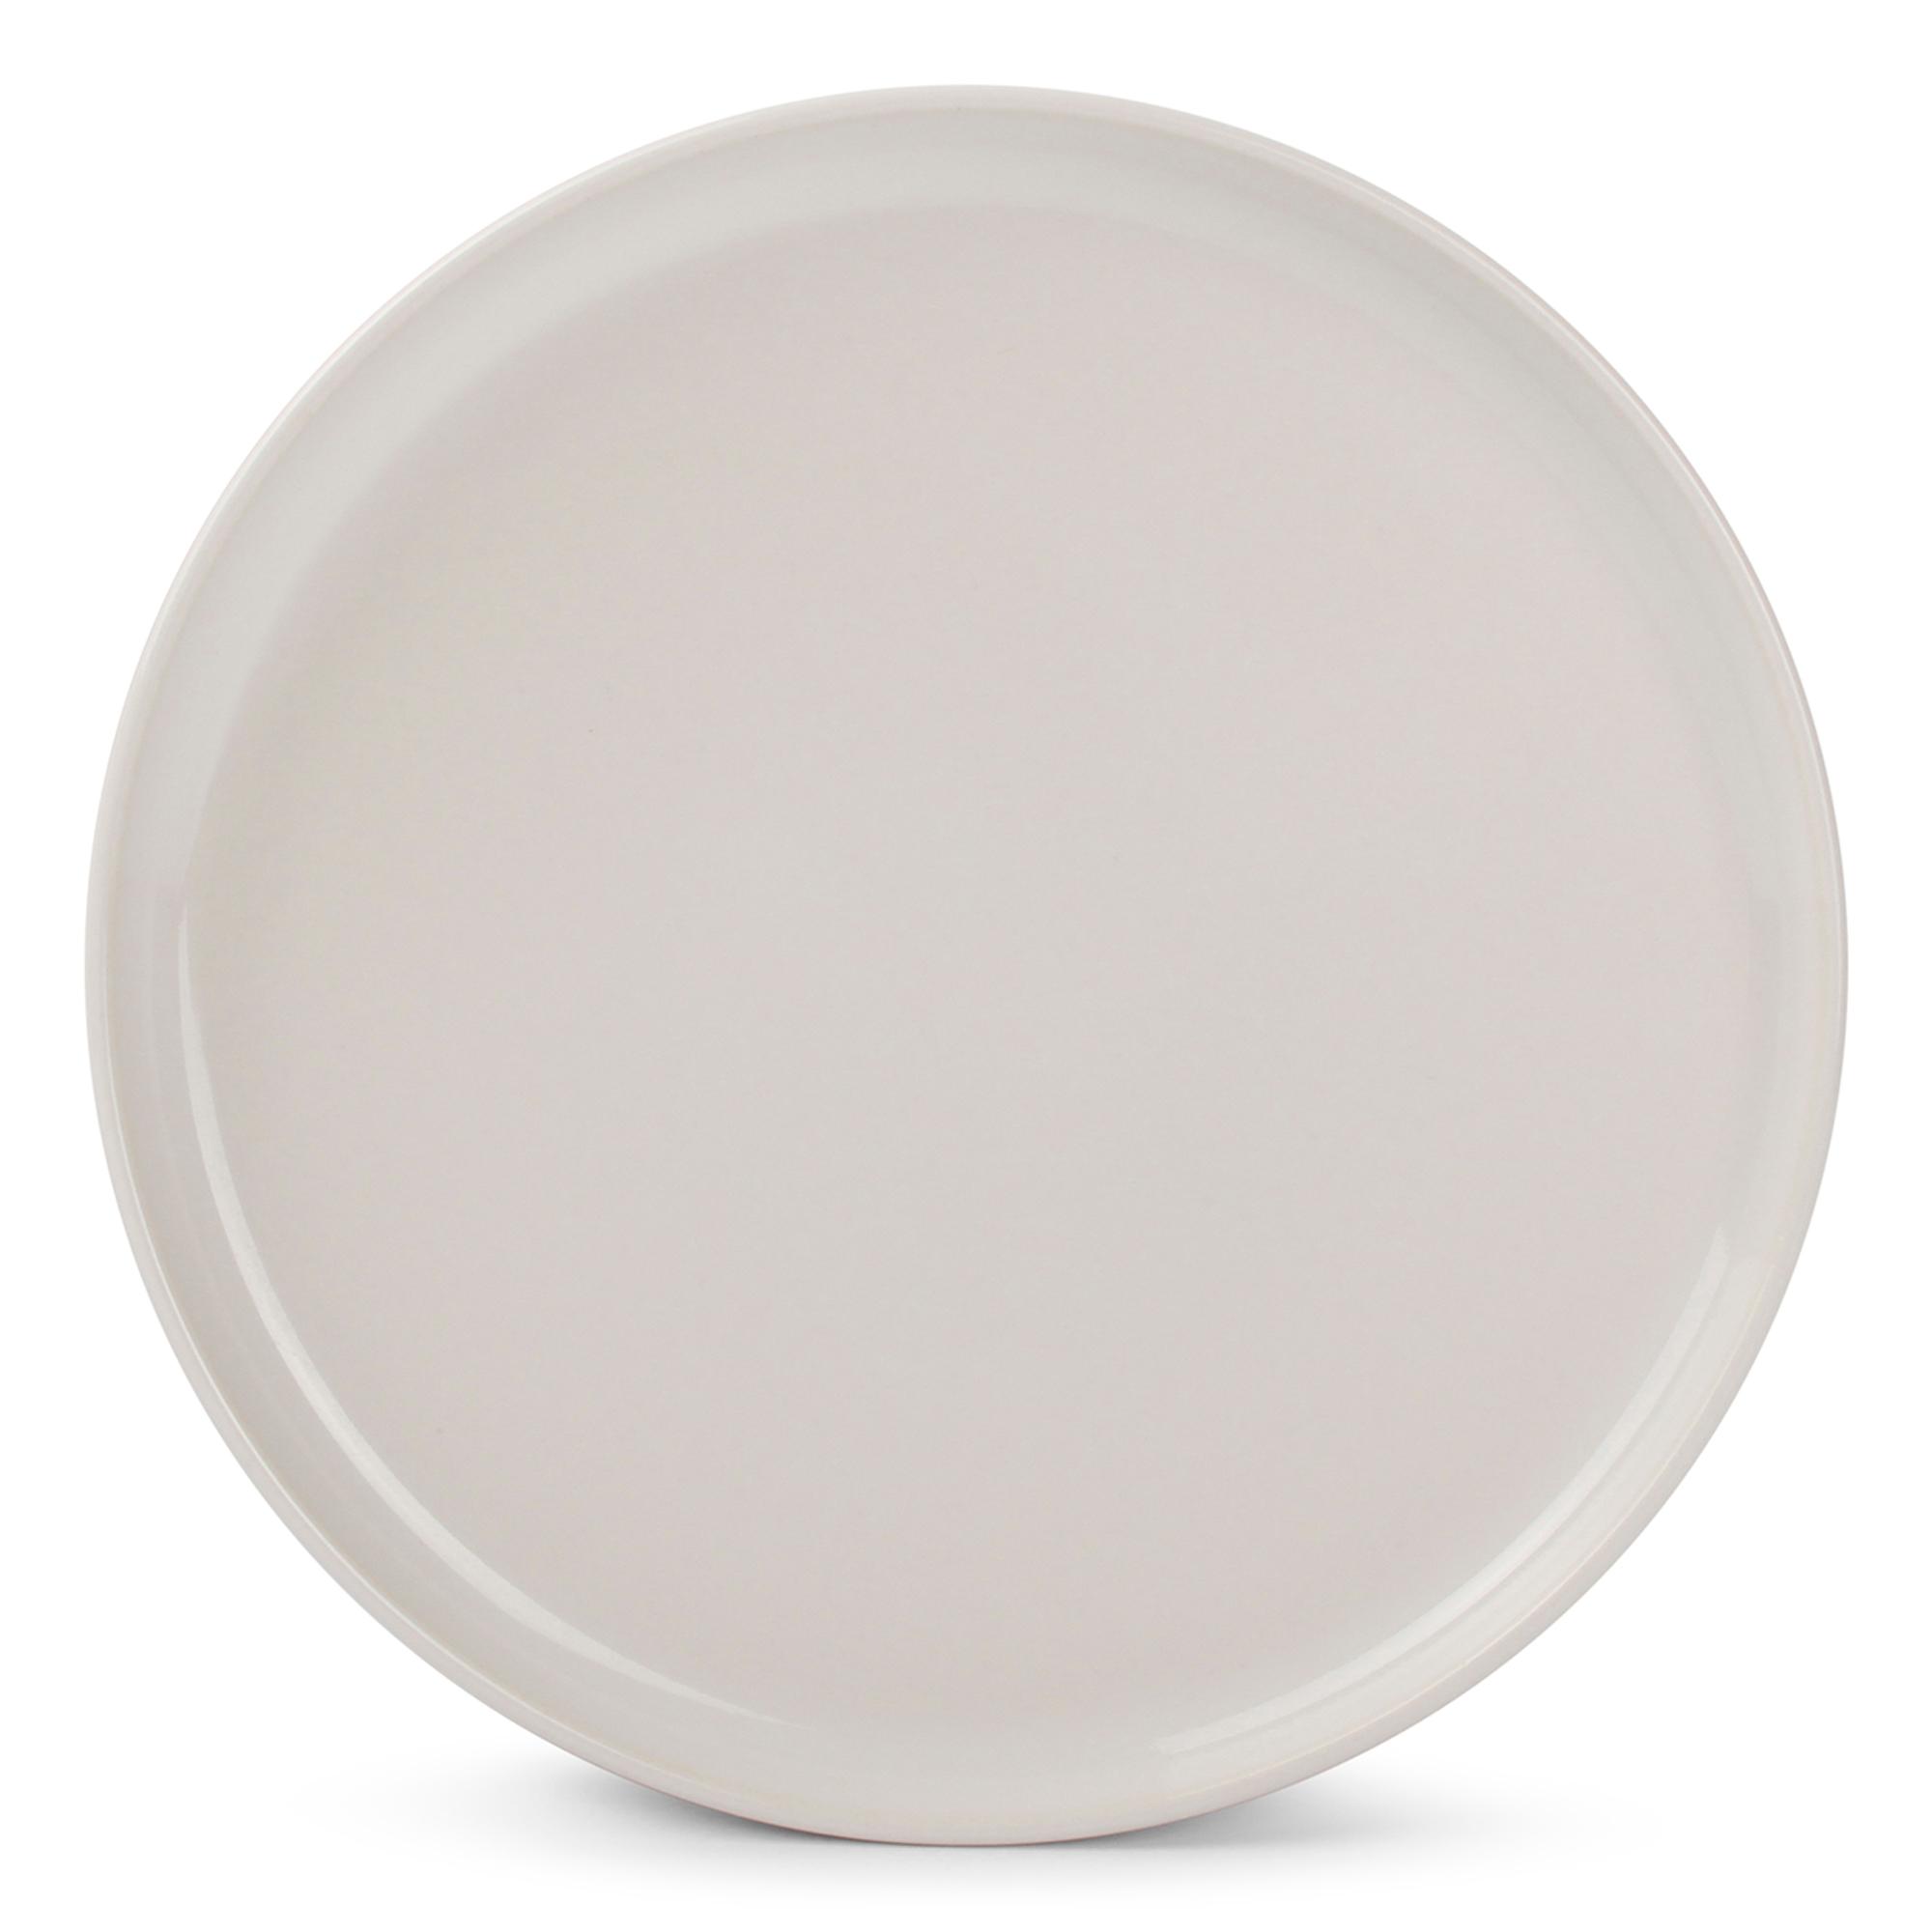 Lot de 6 - Assiette plate ivoire Ø 20cm